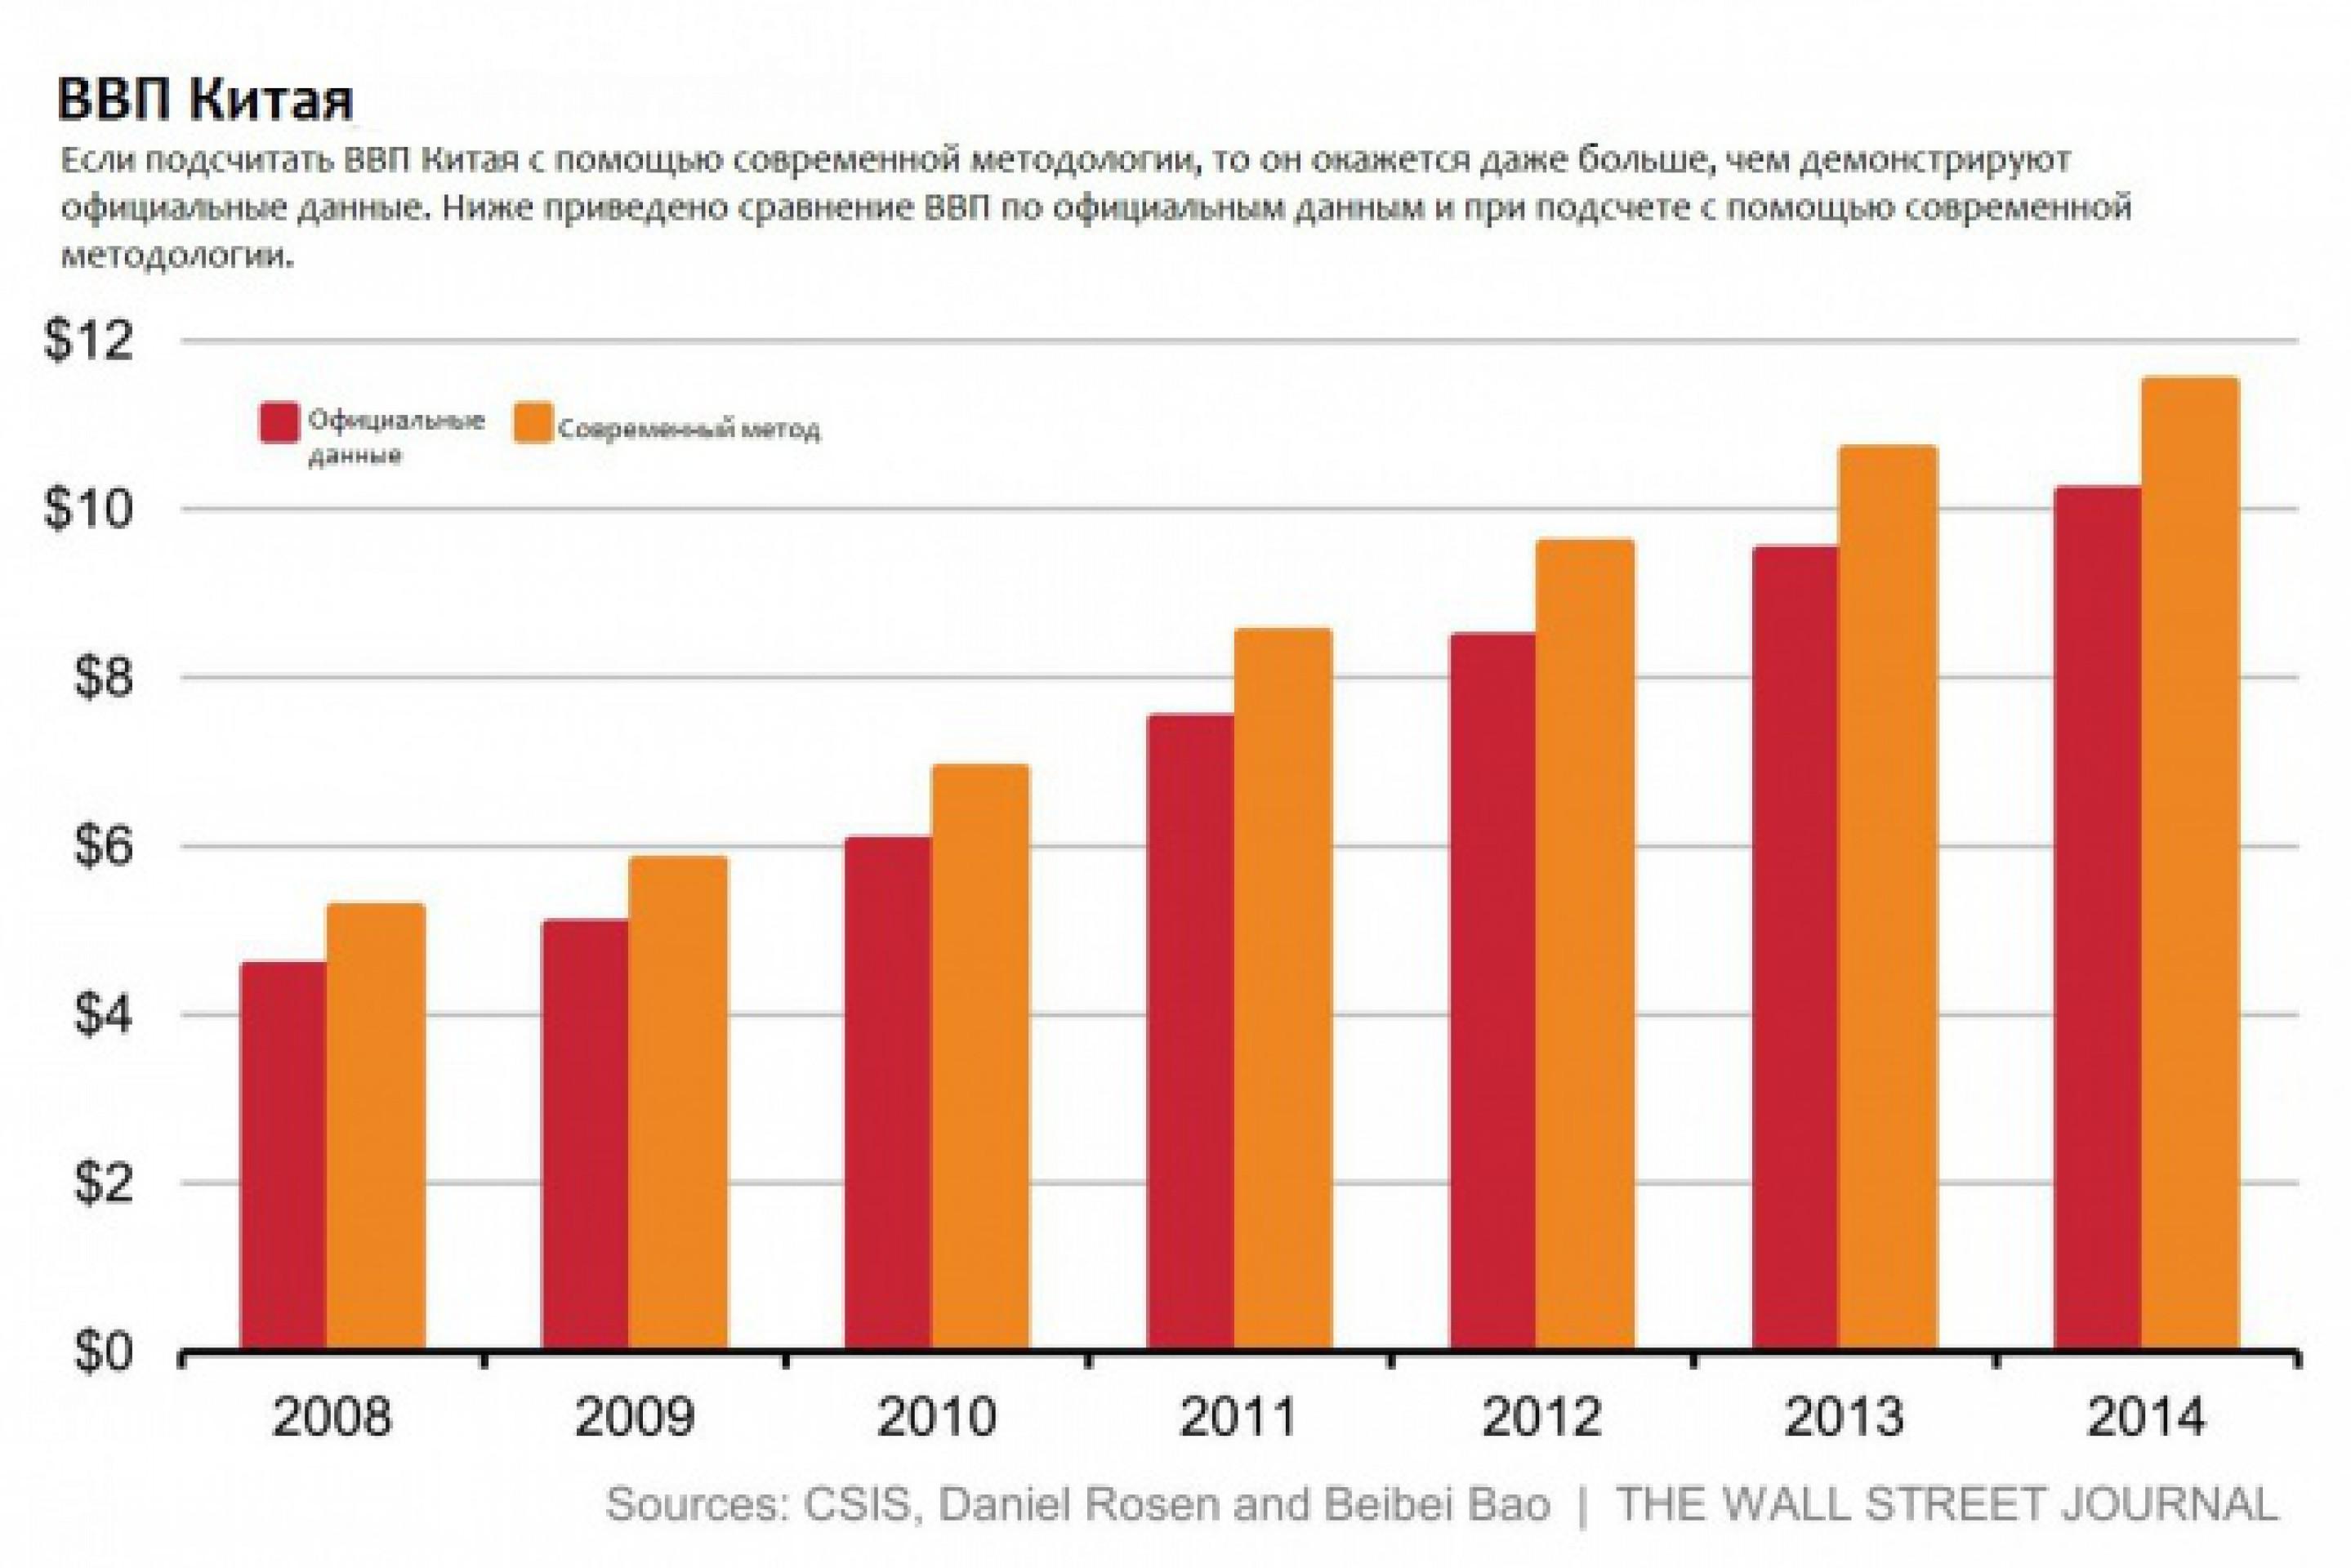 Экономическая пропаганда Китая и динамика ВВП